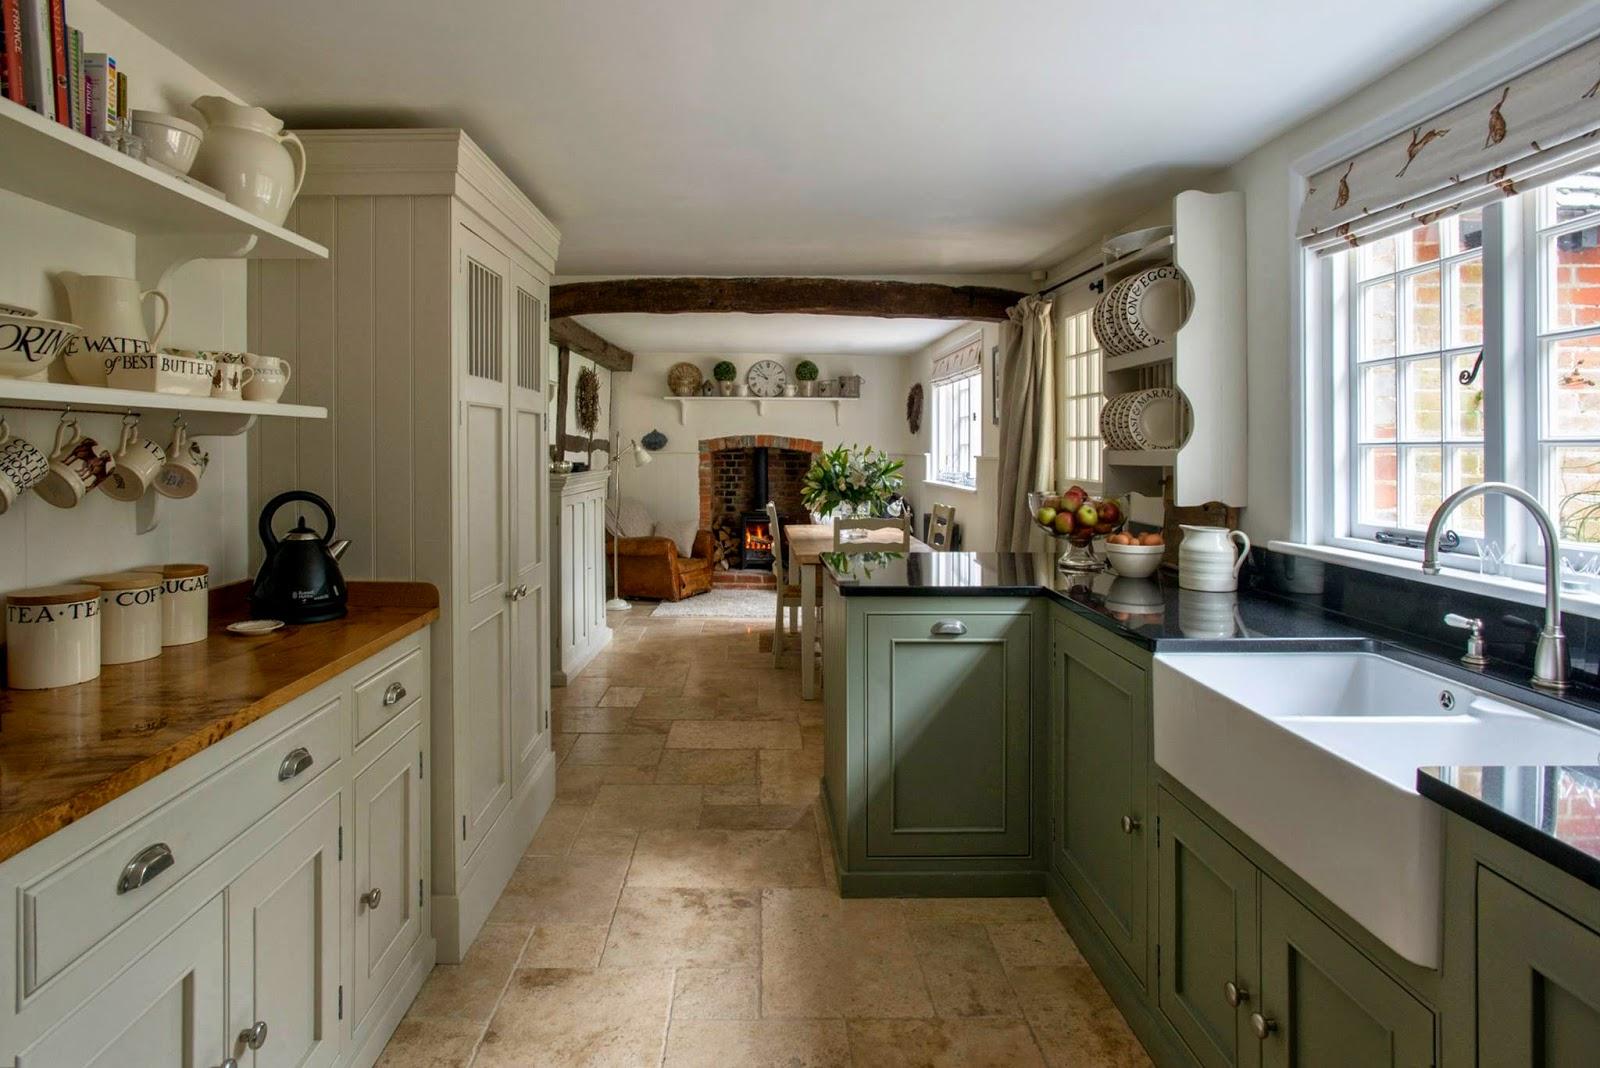 Fullsize Of Country Design Home